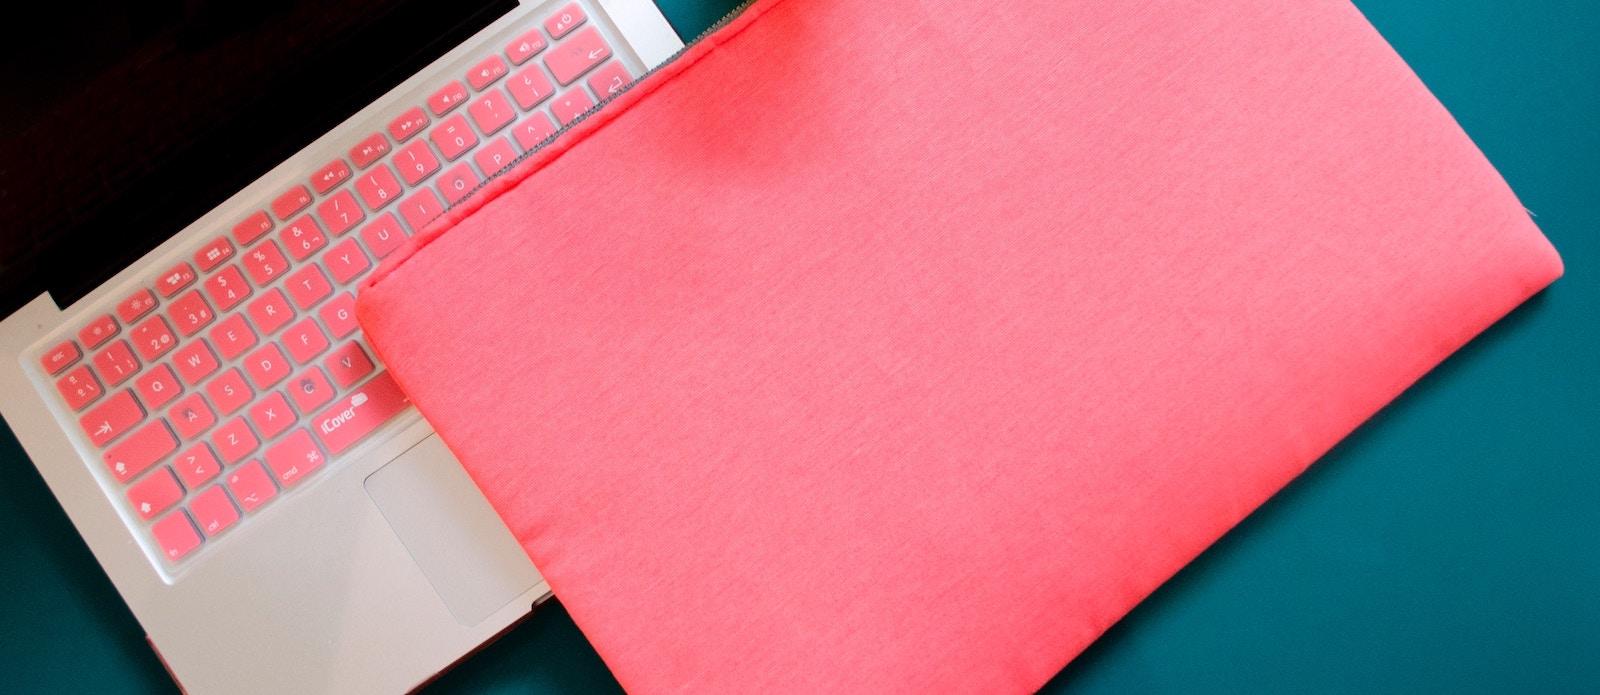 Computer-Accessories als Werbeartikel bedrucken | Werbezeichen